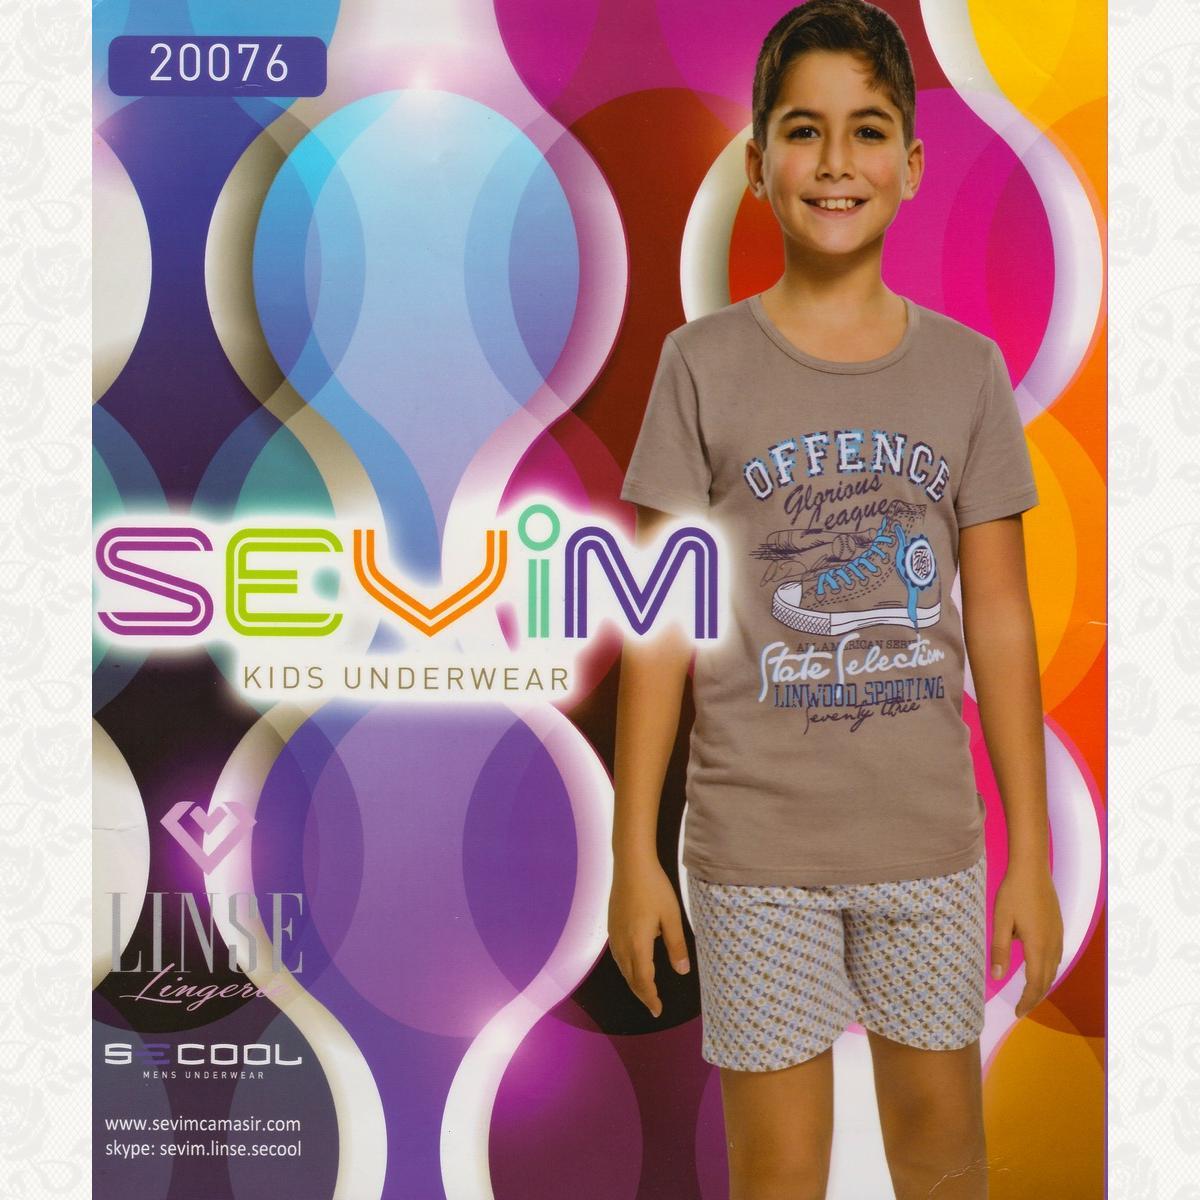 Комплект для мальчиков, цвет горчица с фото, 2 шт.